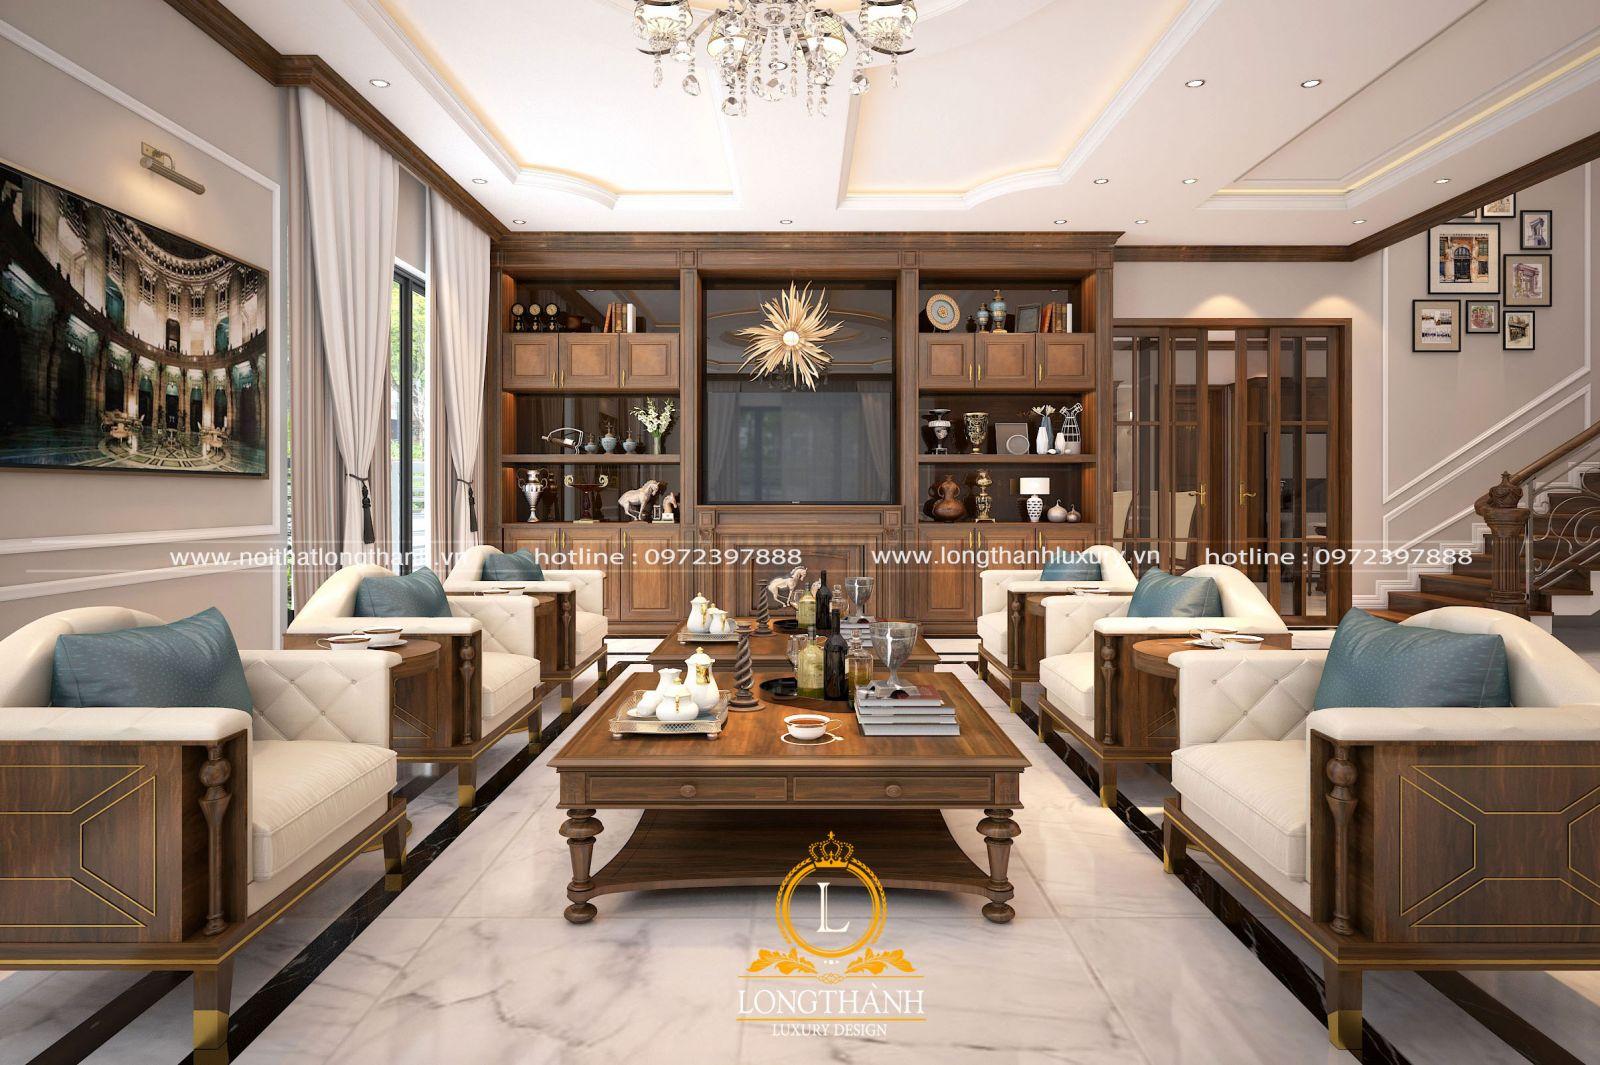 Thiết kế nội thất phòng khách biệt thự sang trọng và tinh tế